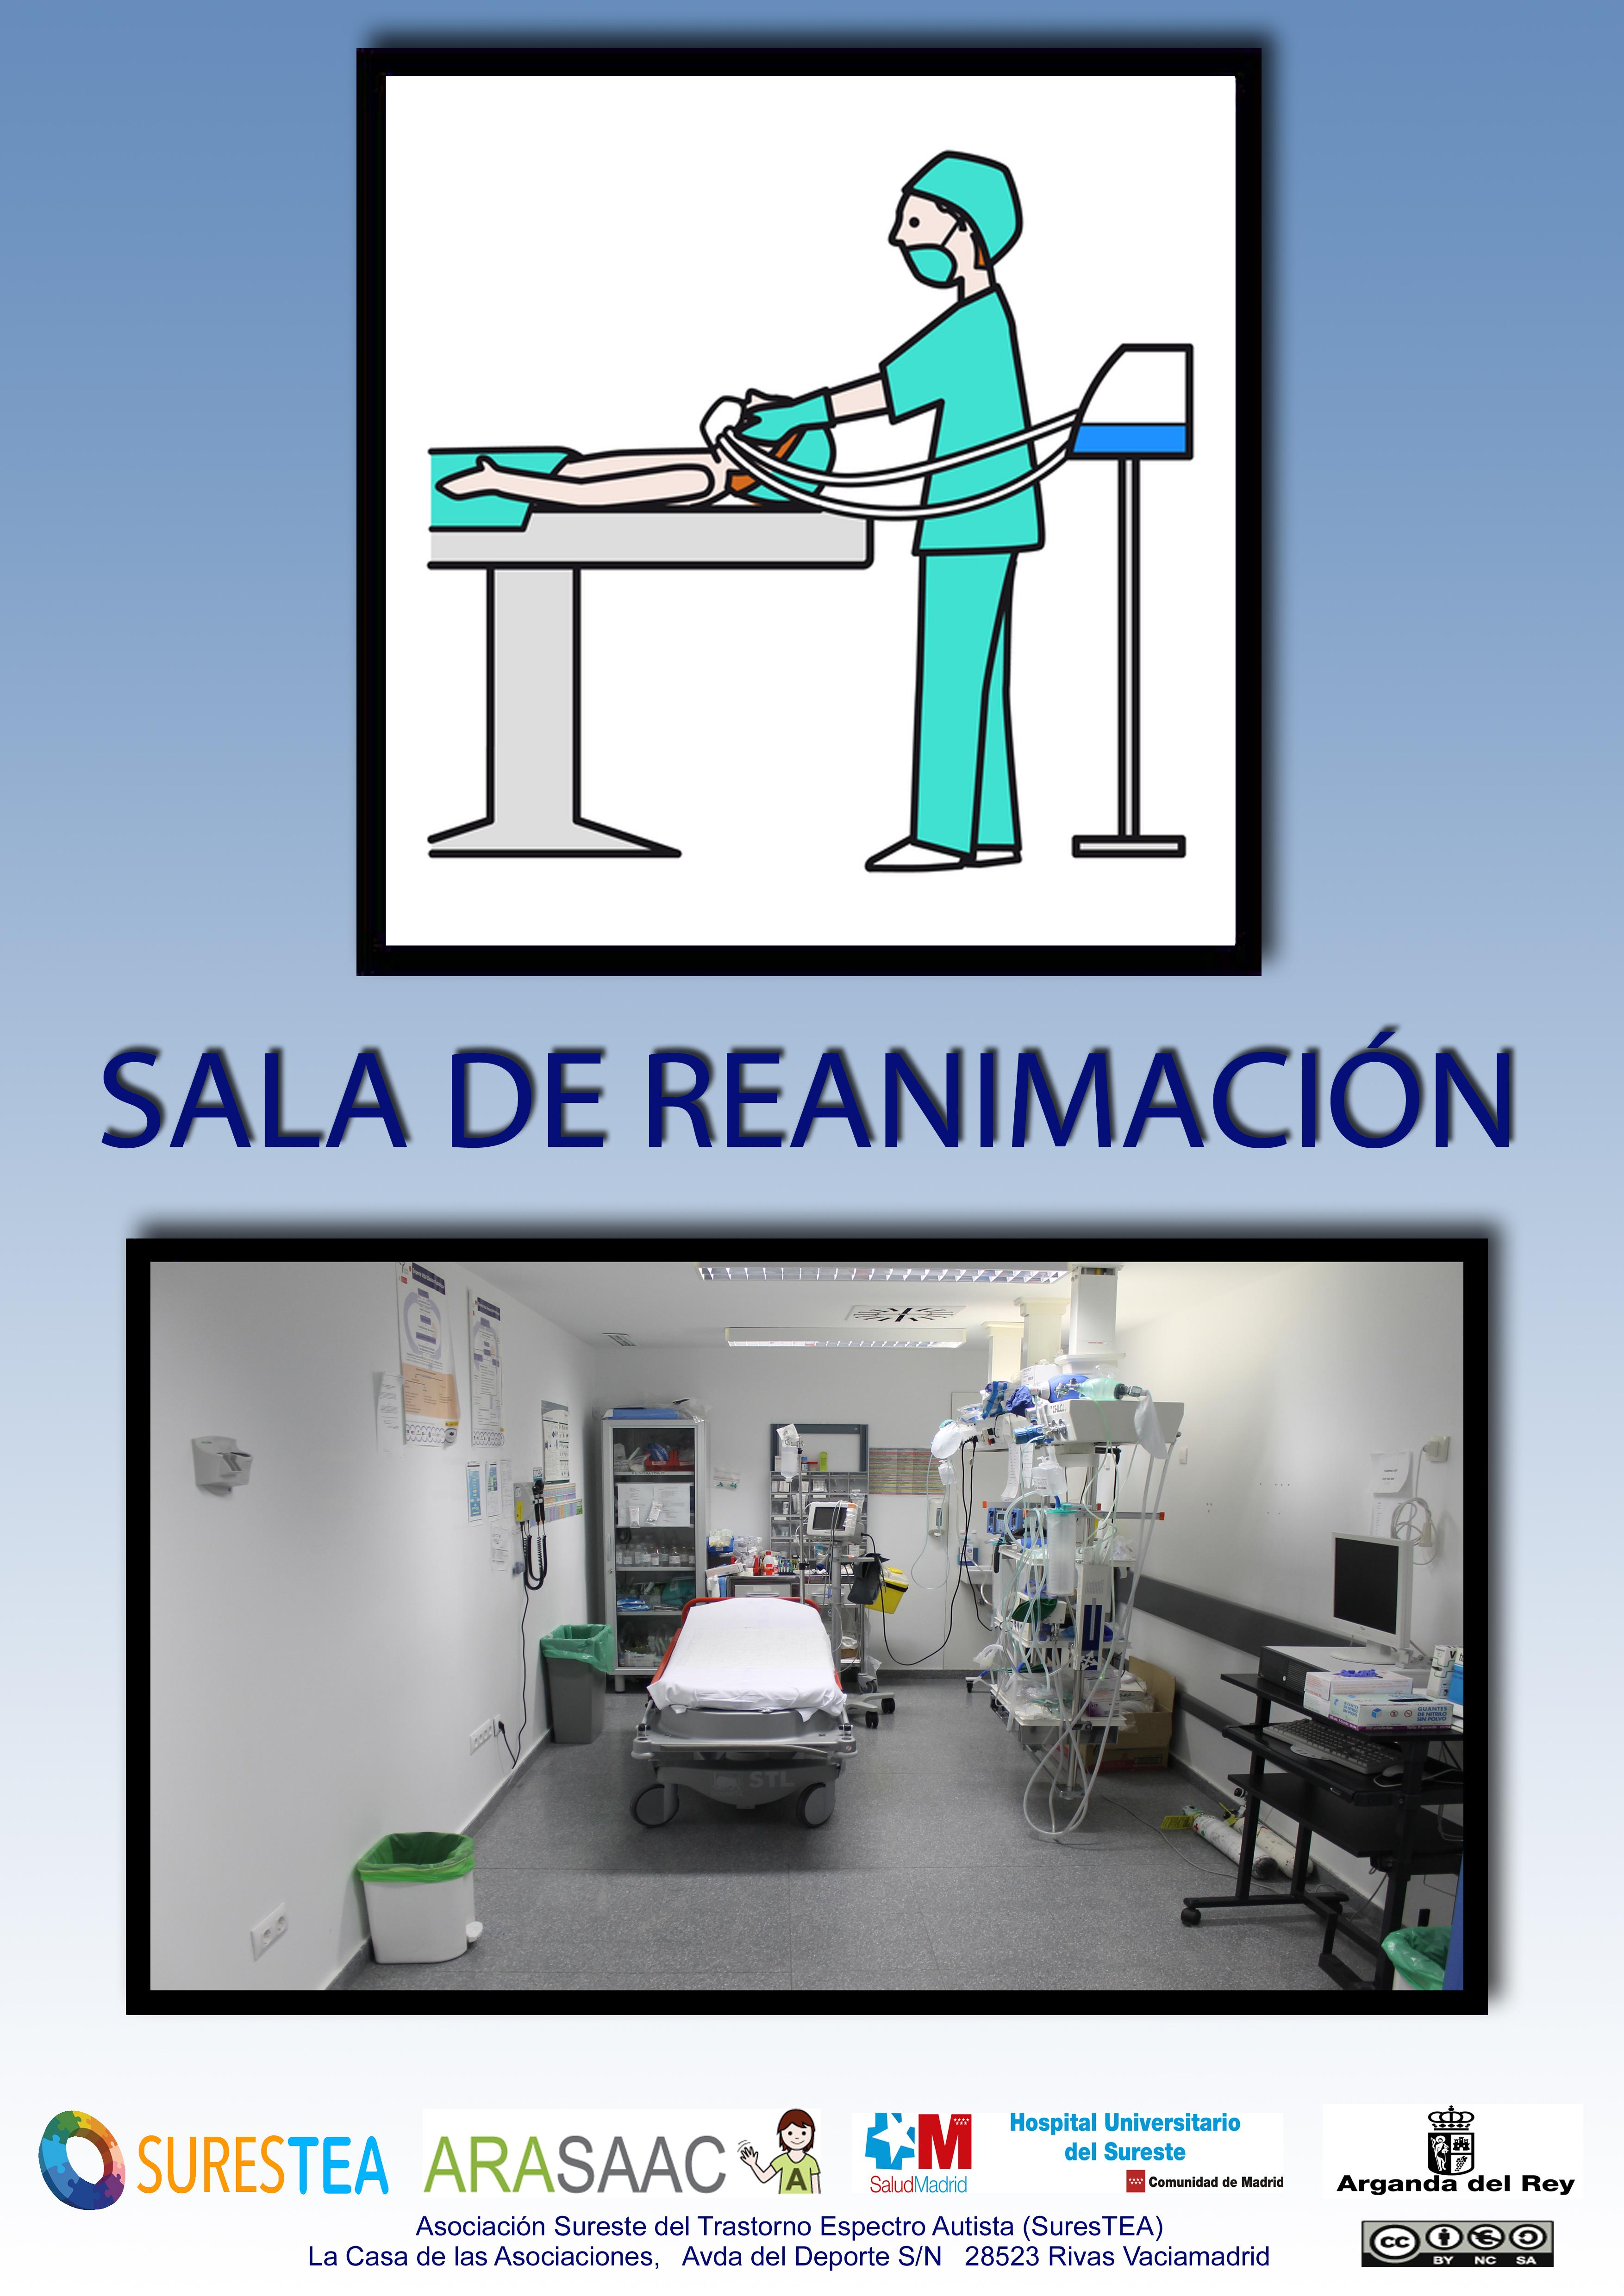 74-sala-de-reanimacion